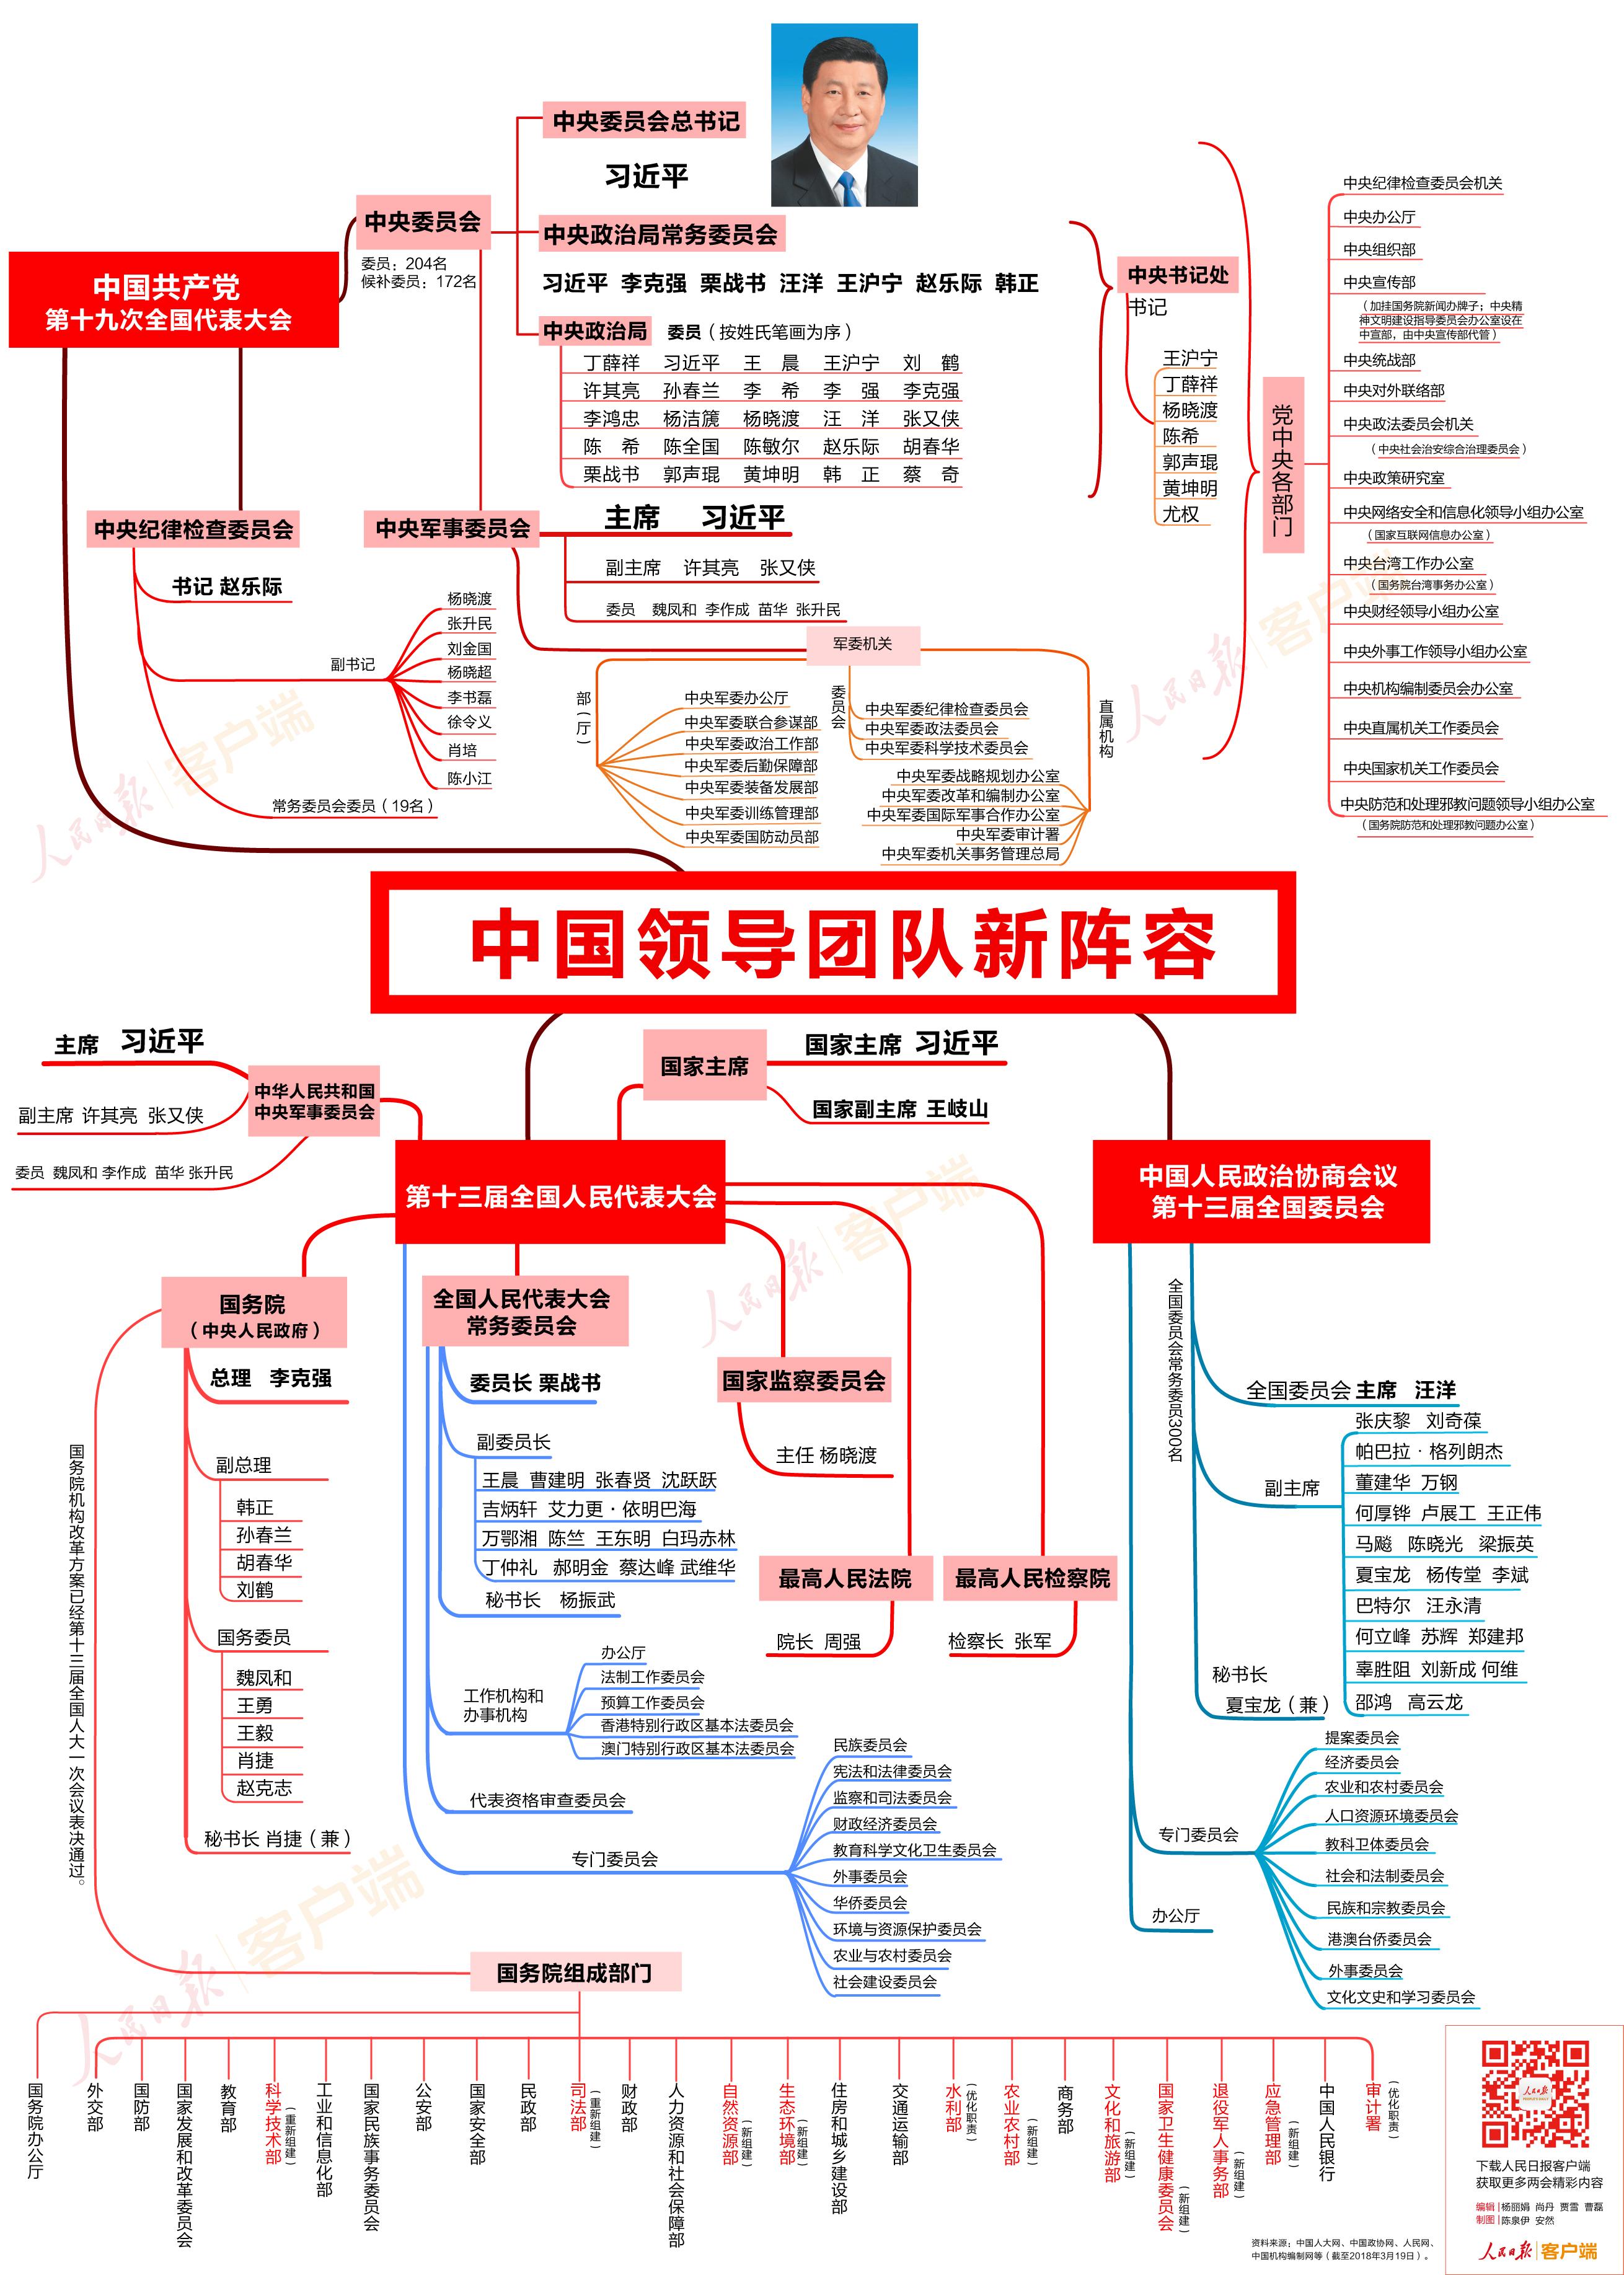 思维导图-中国领导团队新阵容.jpg